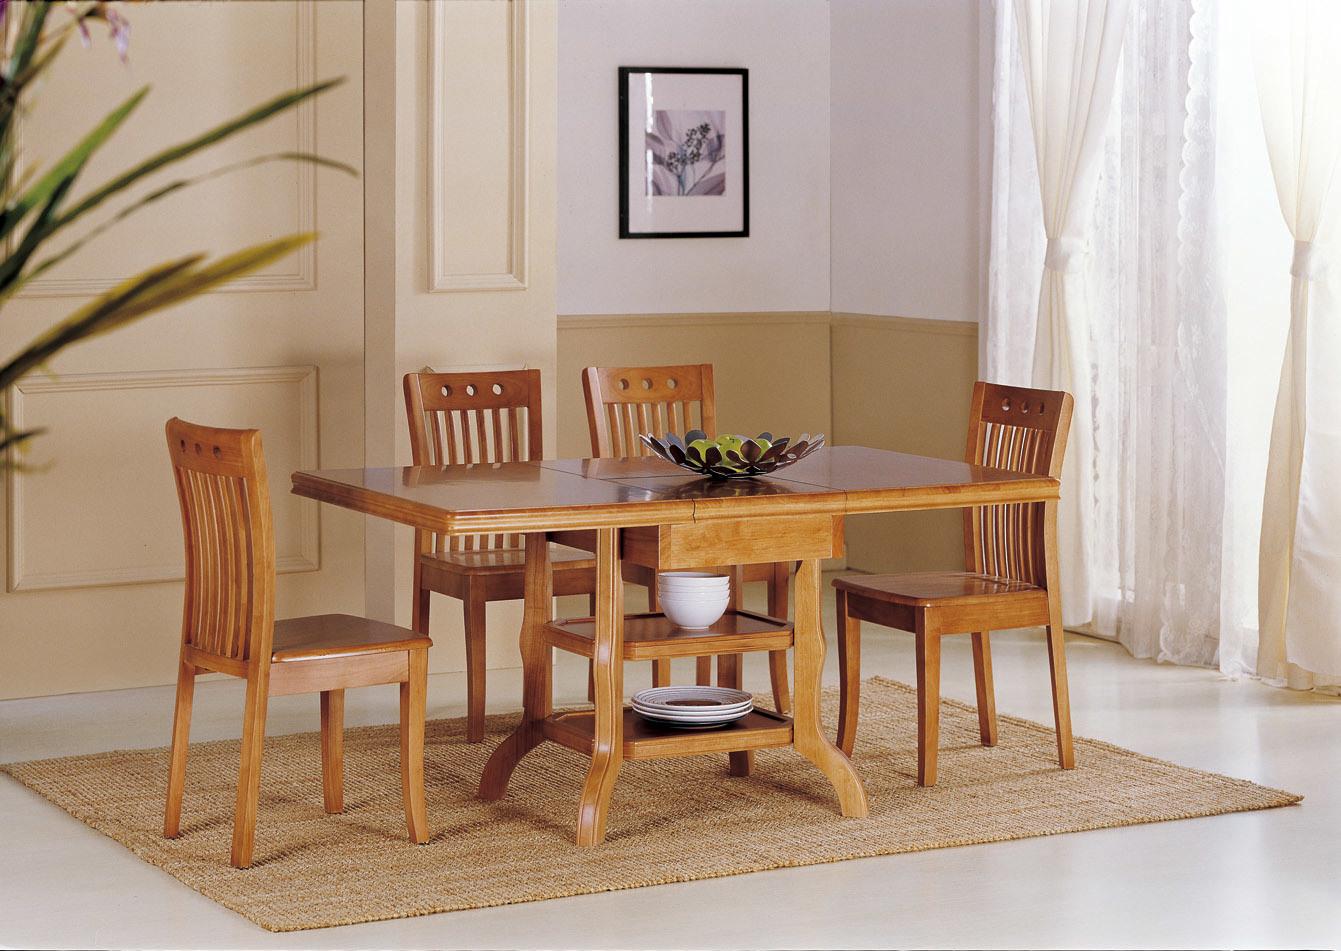 Tabla de cena muebles del comedor cenando la silla t926 for Muebles para comedor